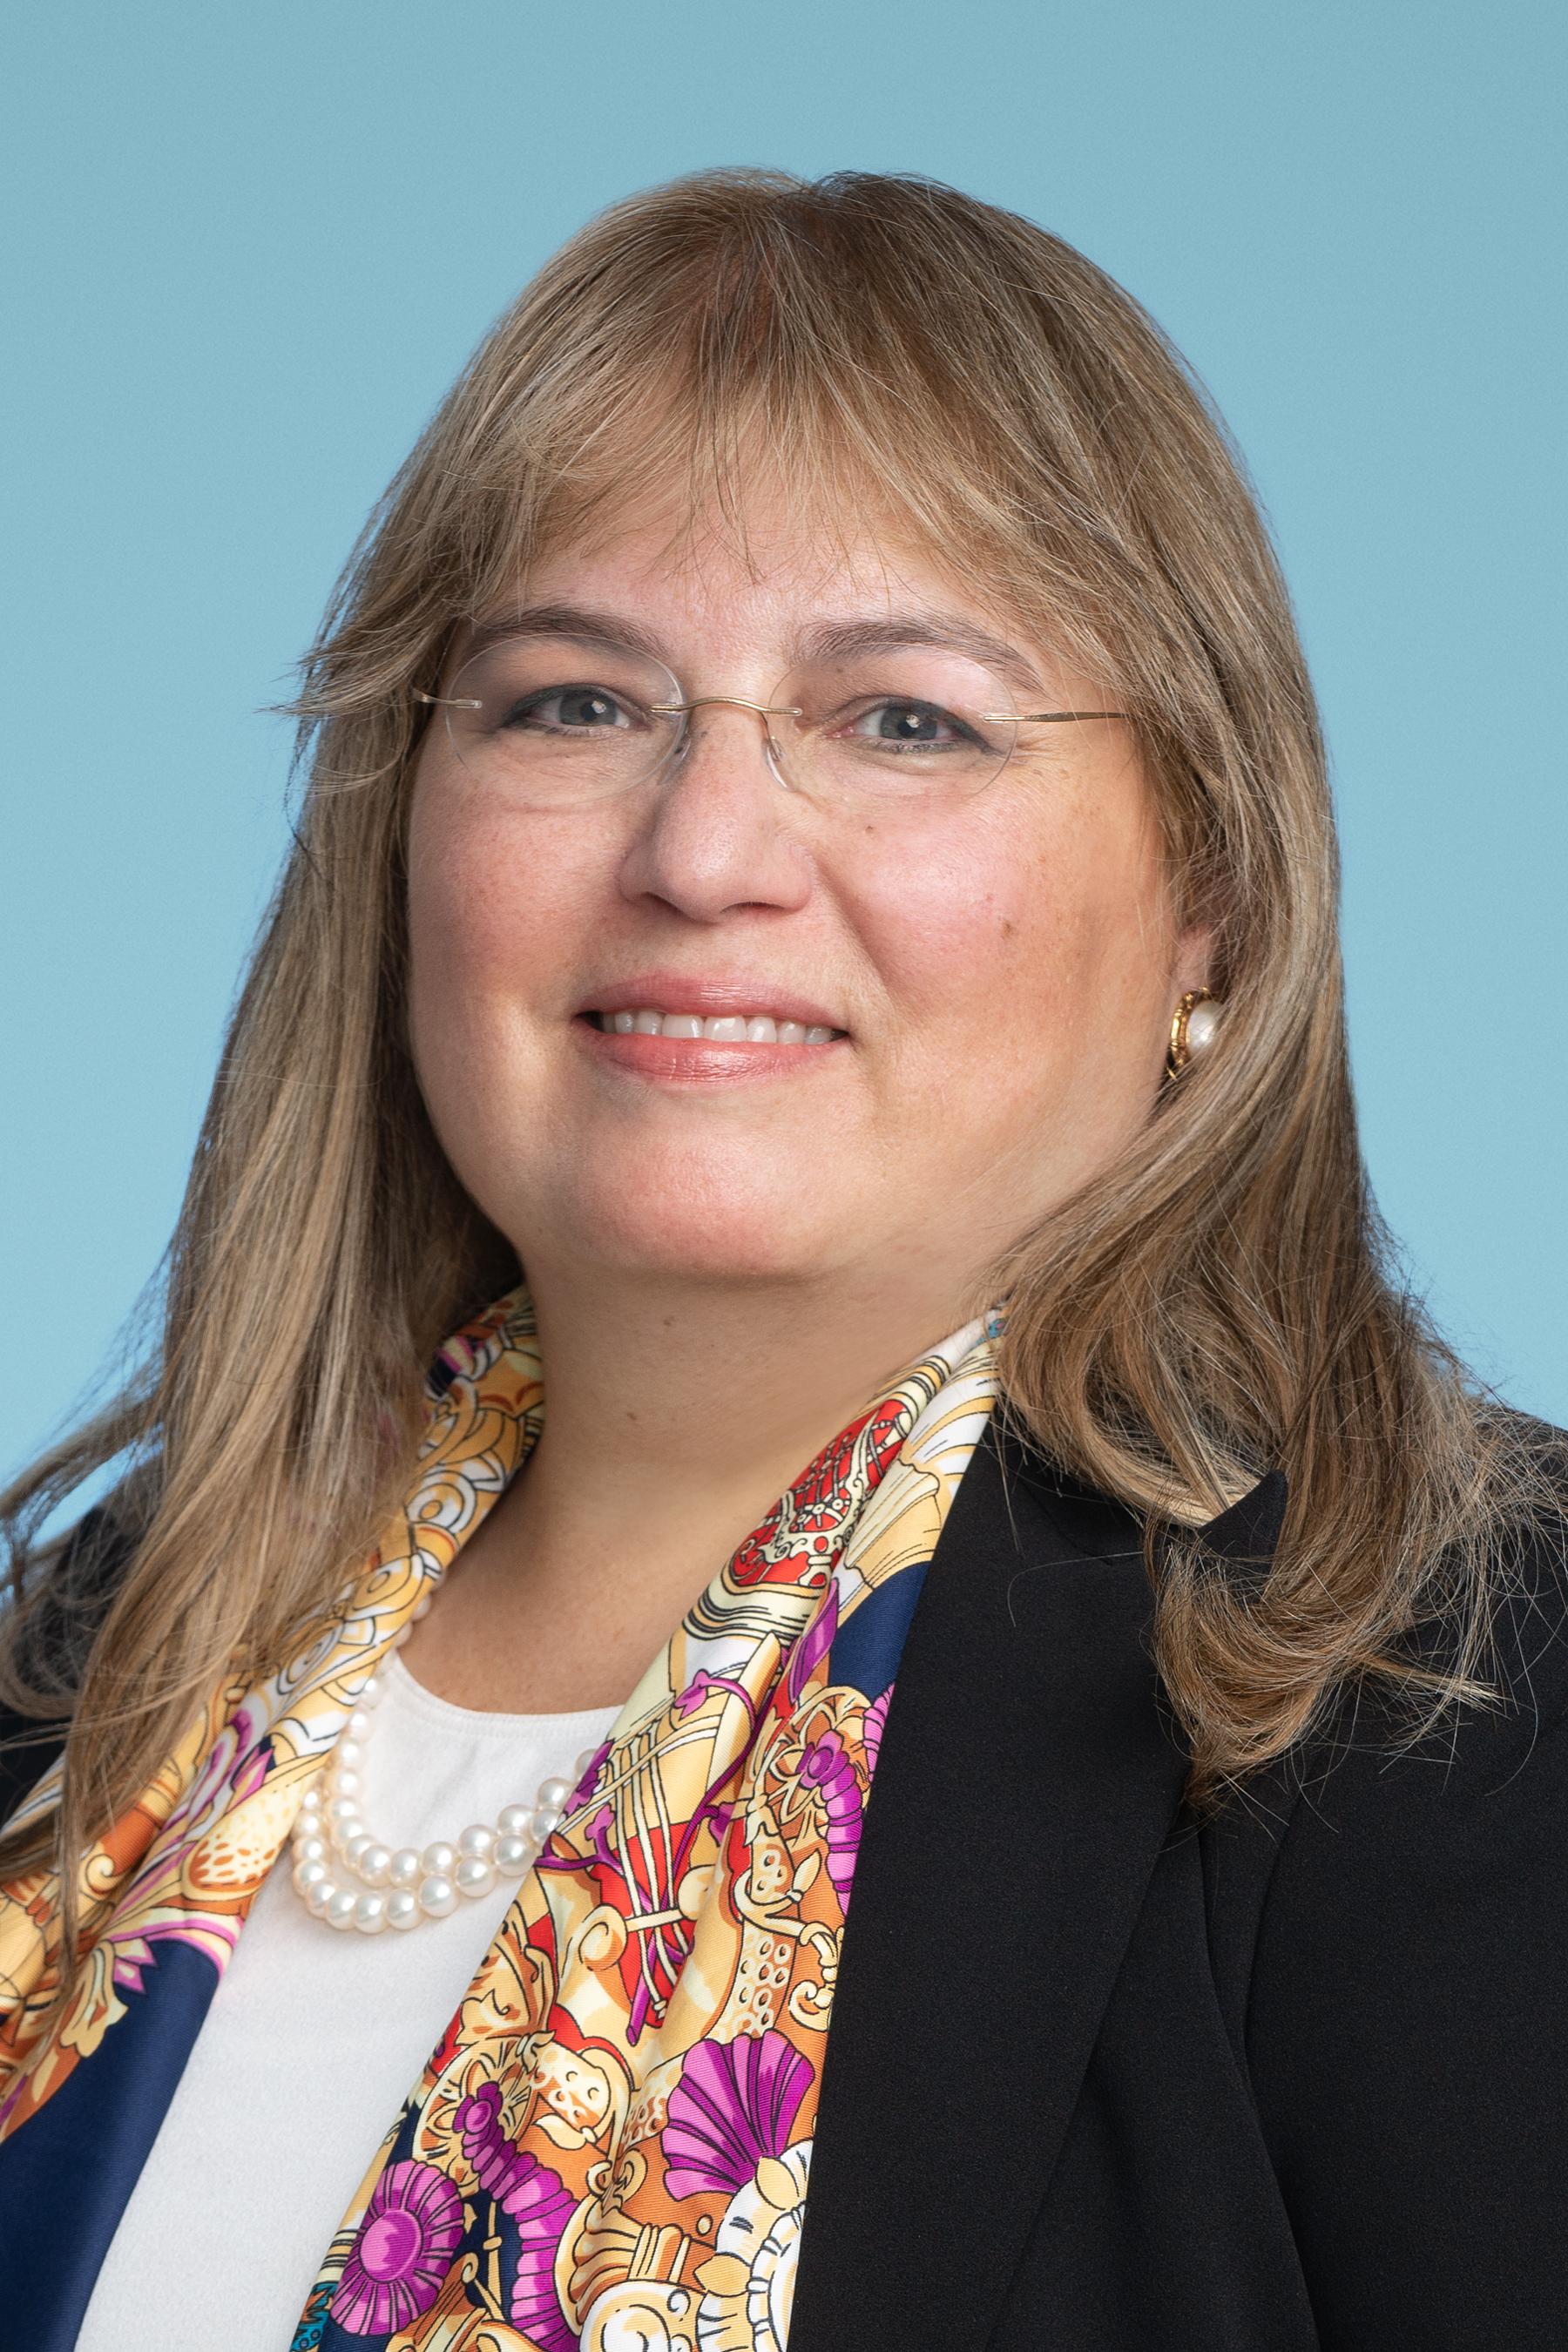 Cassie Lentchner